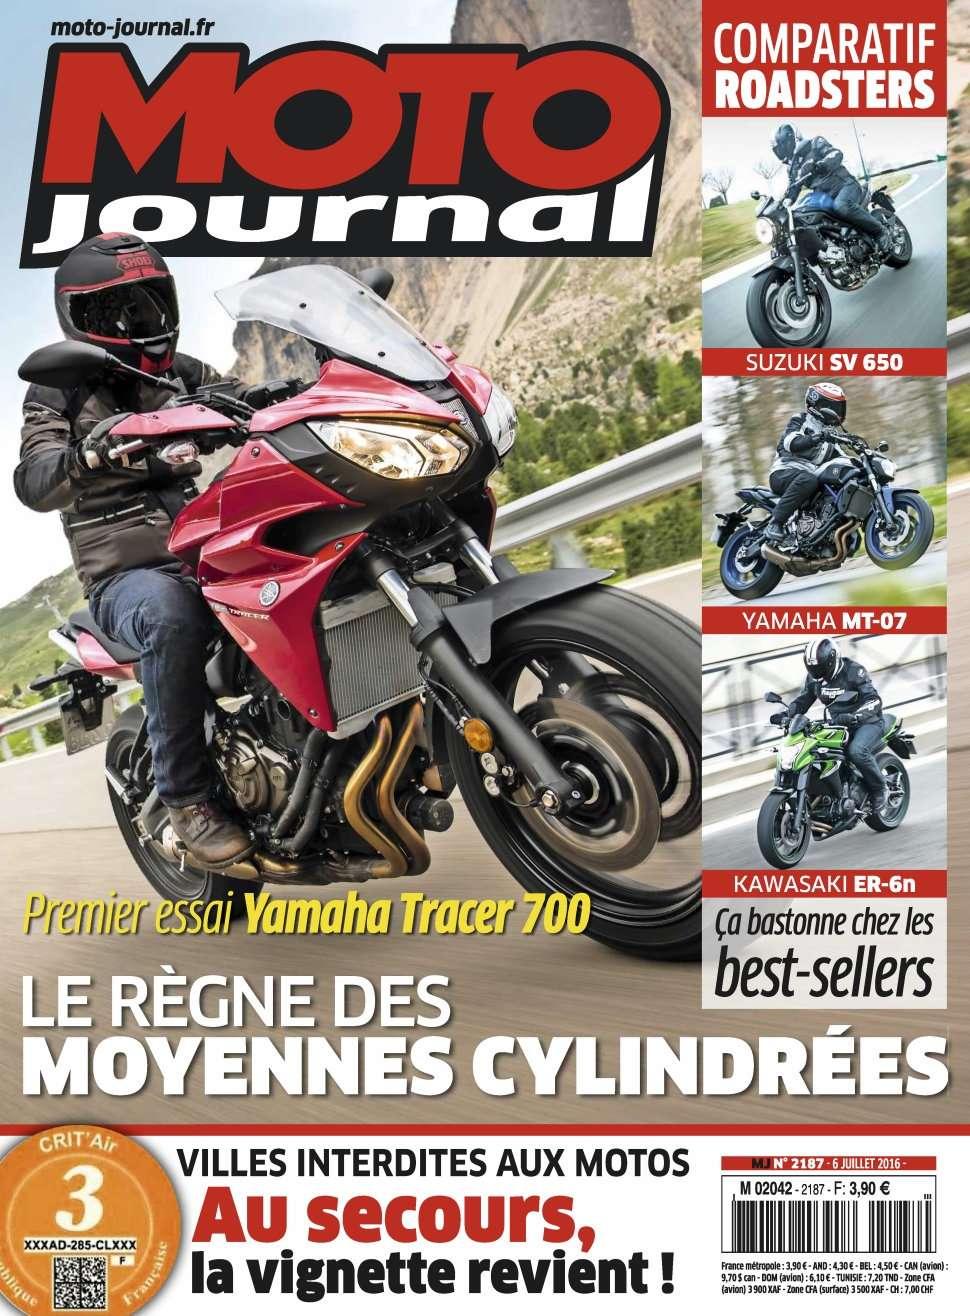 Moto Journal 2187 - 06 Juillet 2016